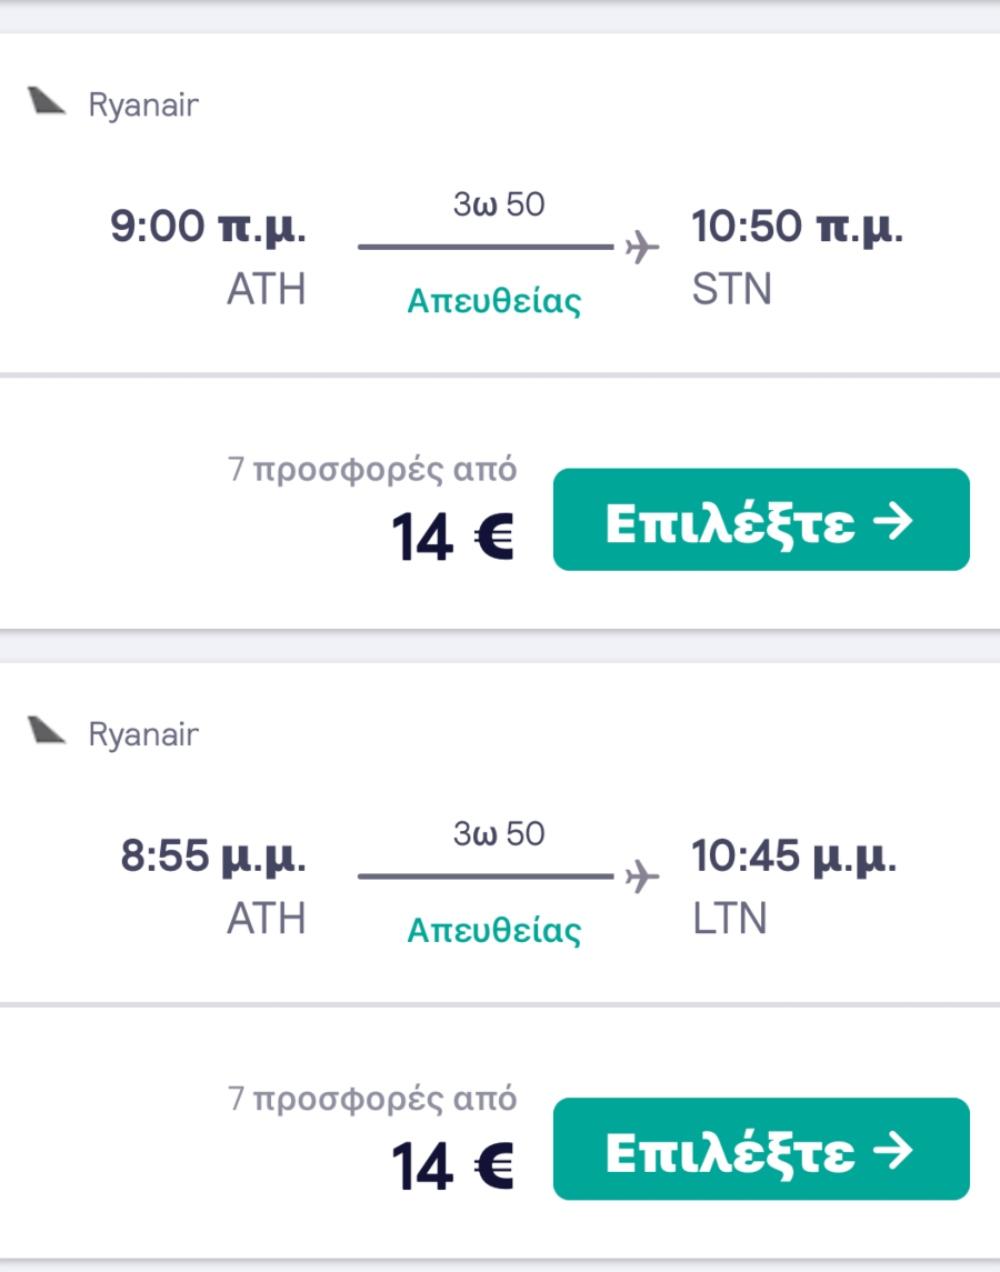 Έκτακτο: Ταξιδέψτε τώρα στο Λονδίνο με 14 ευρώ! Μέχρι πότε θα ισχύει η προσφορά